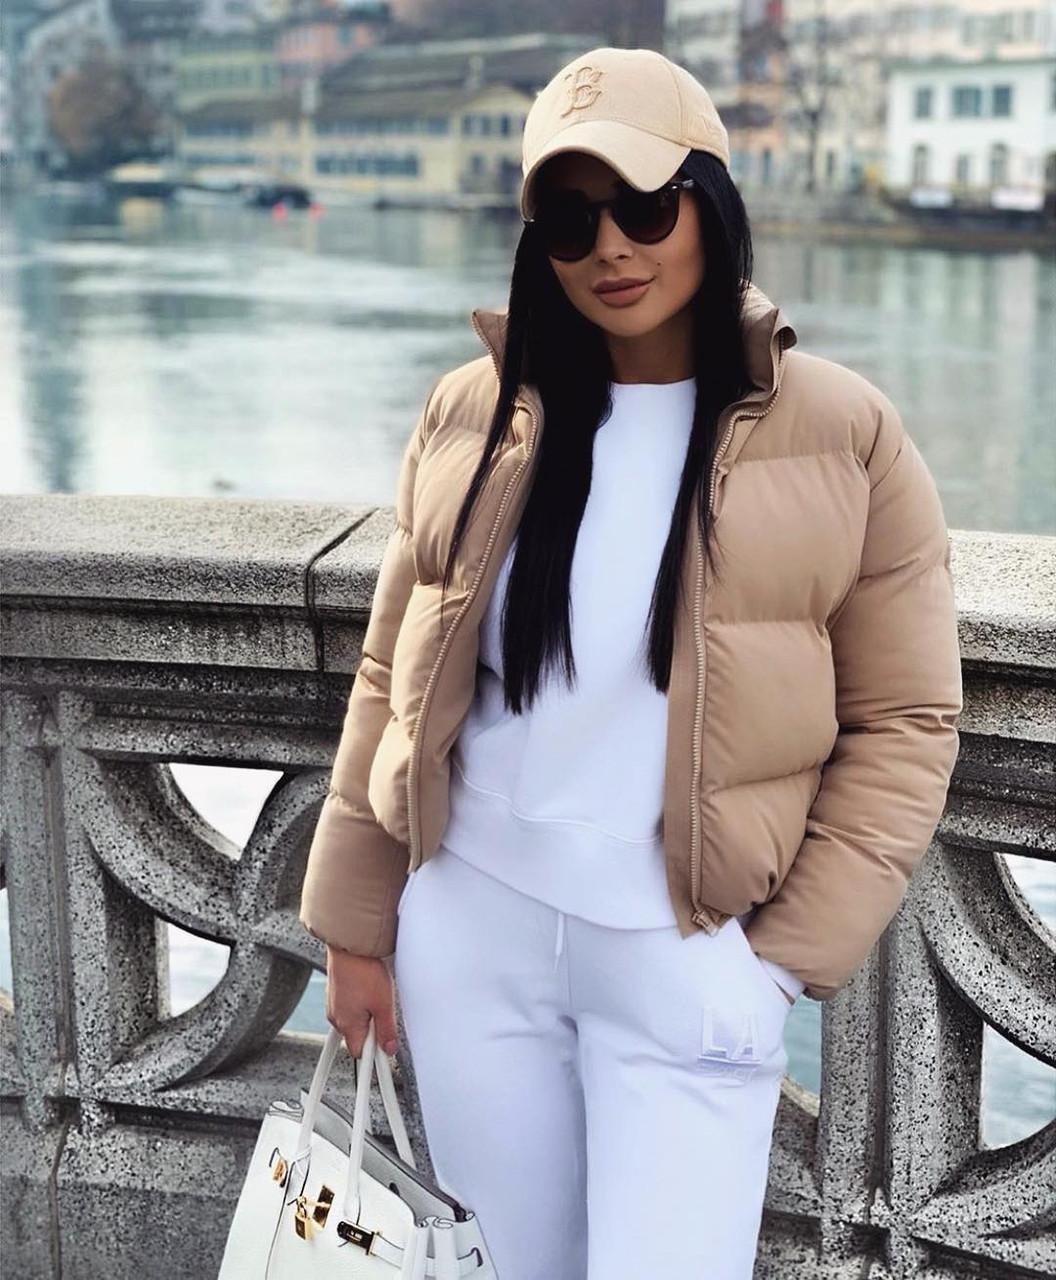 Объемный дутый зимний пуховик куртка мини короткий с карманами капюшоном песочный бежевый